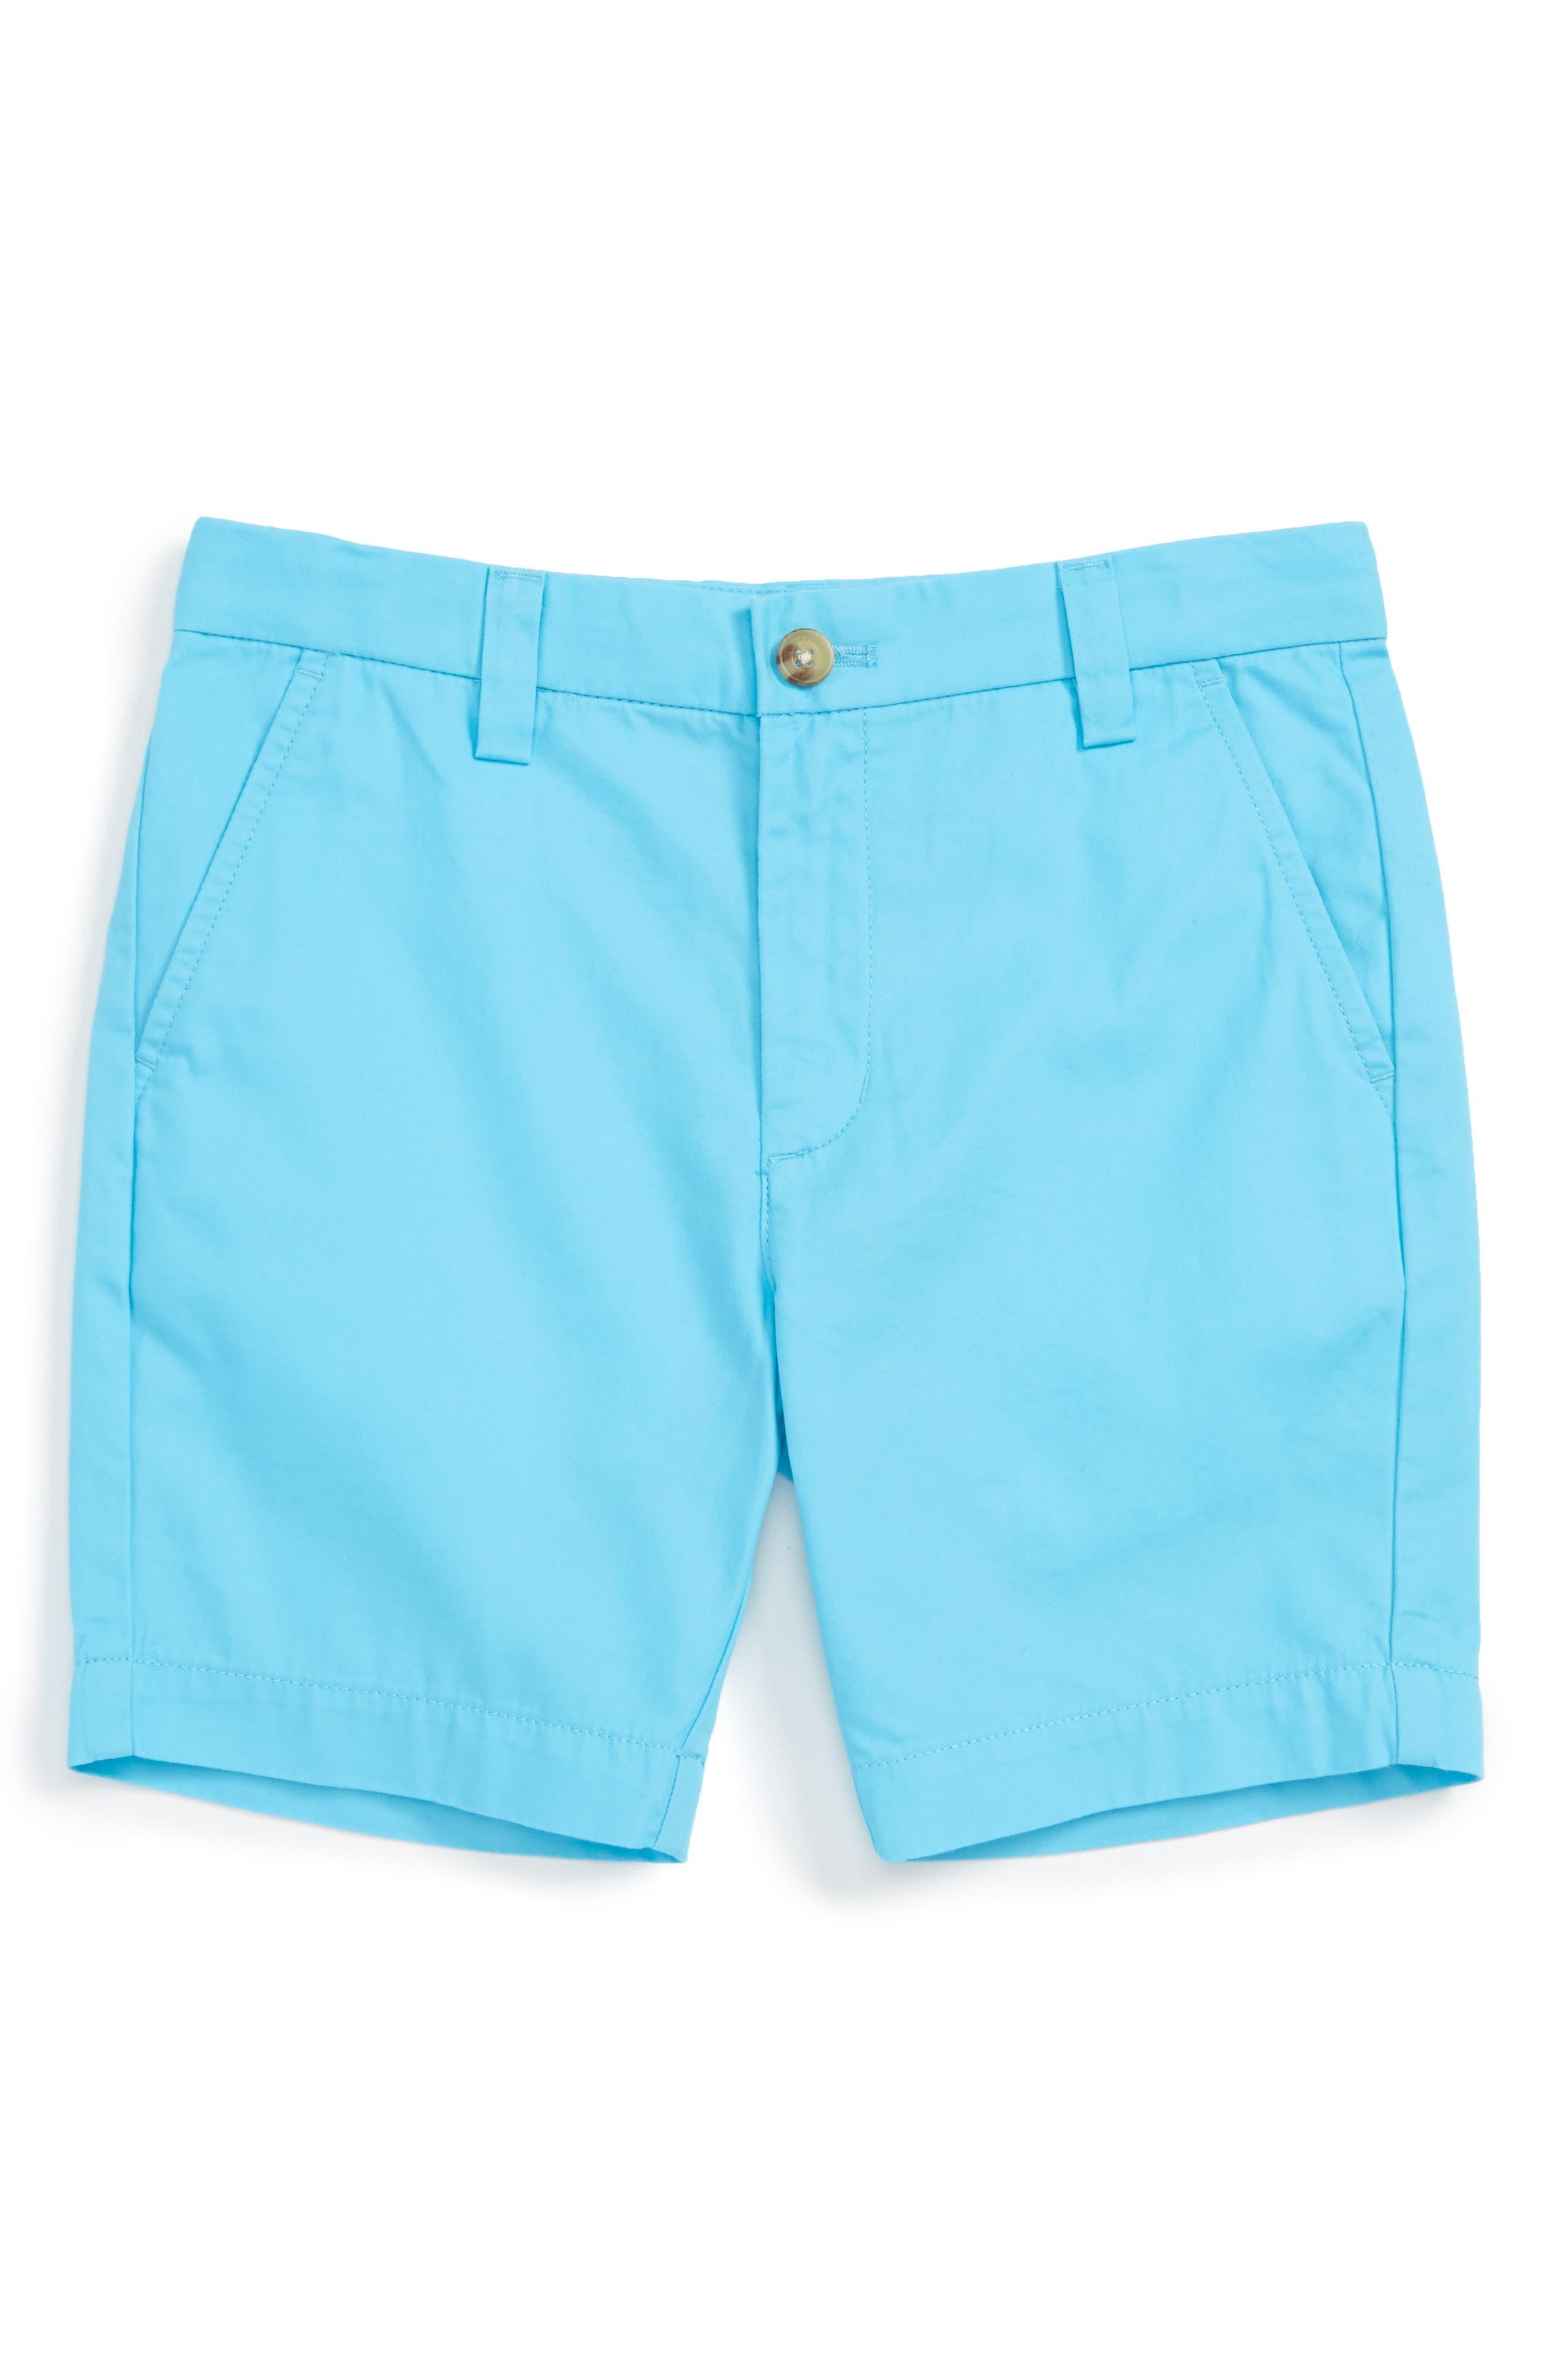 VINEYARD VINES Summer Twill Breaker Shorts